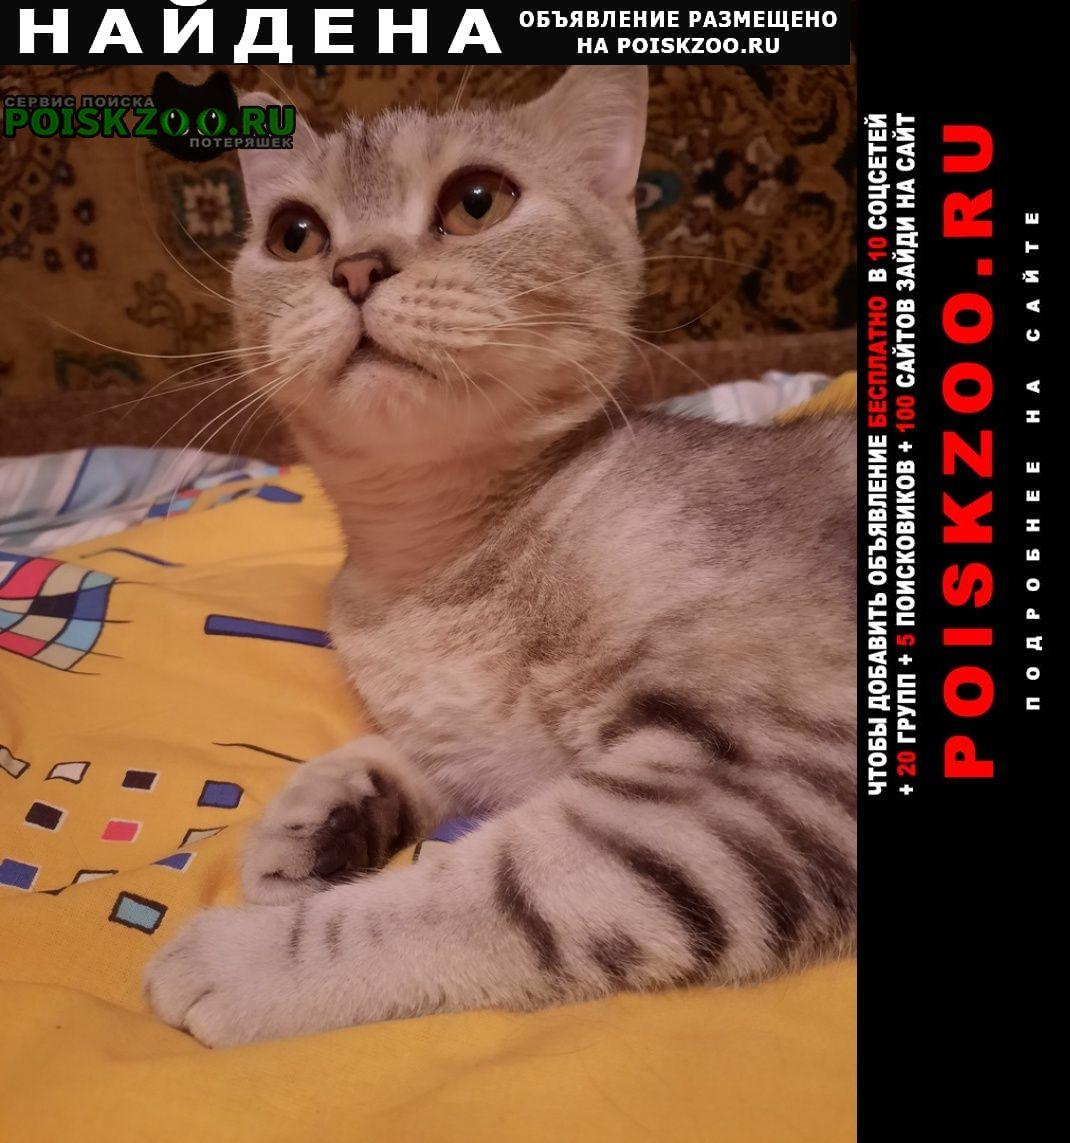 Найдена кошка мраморная породистая Москва